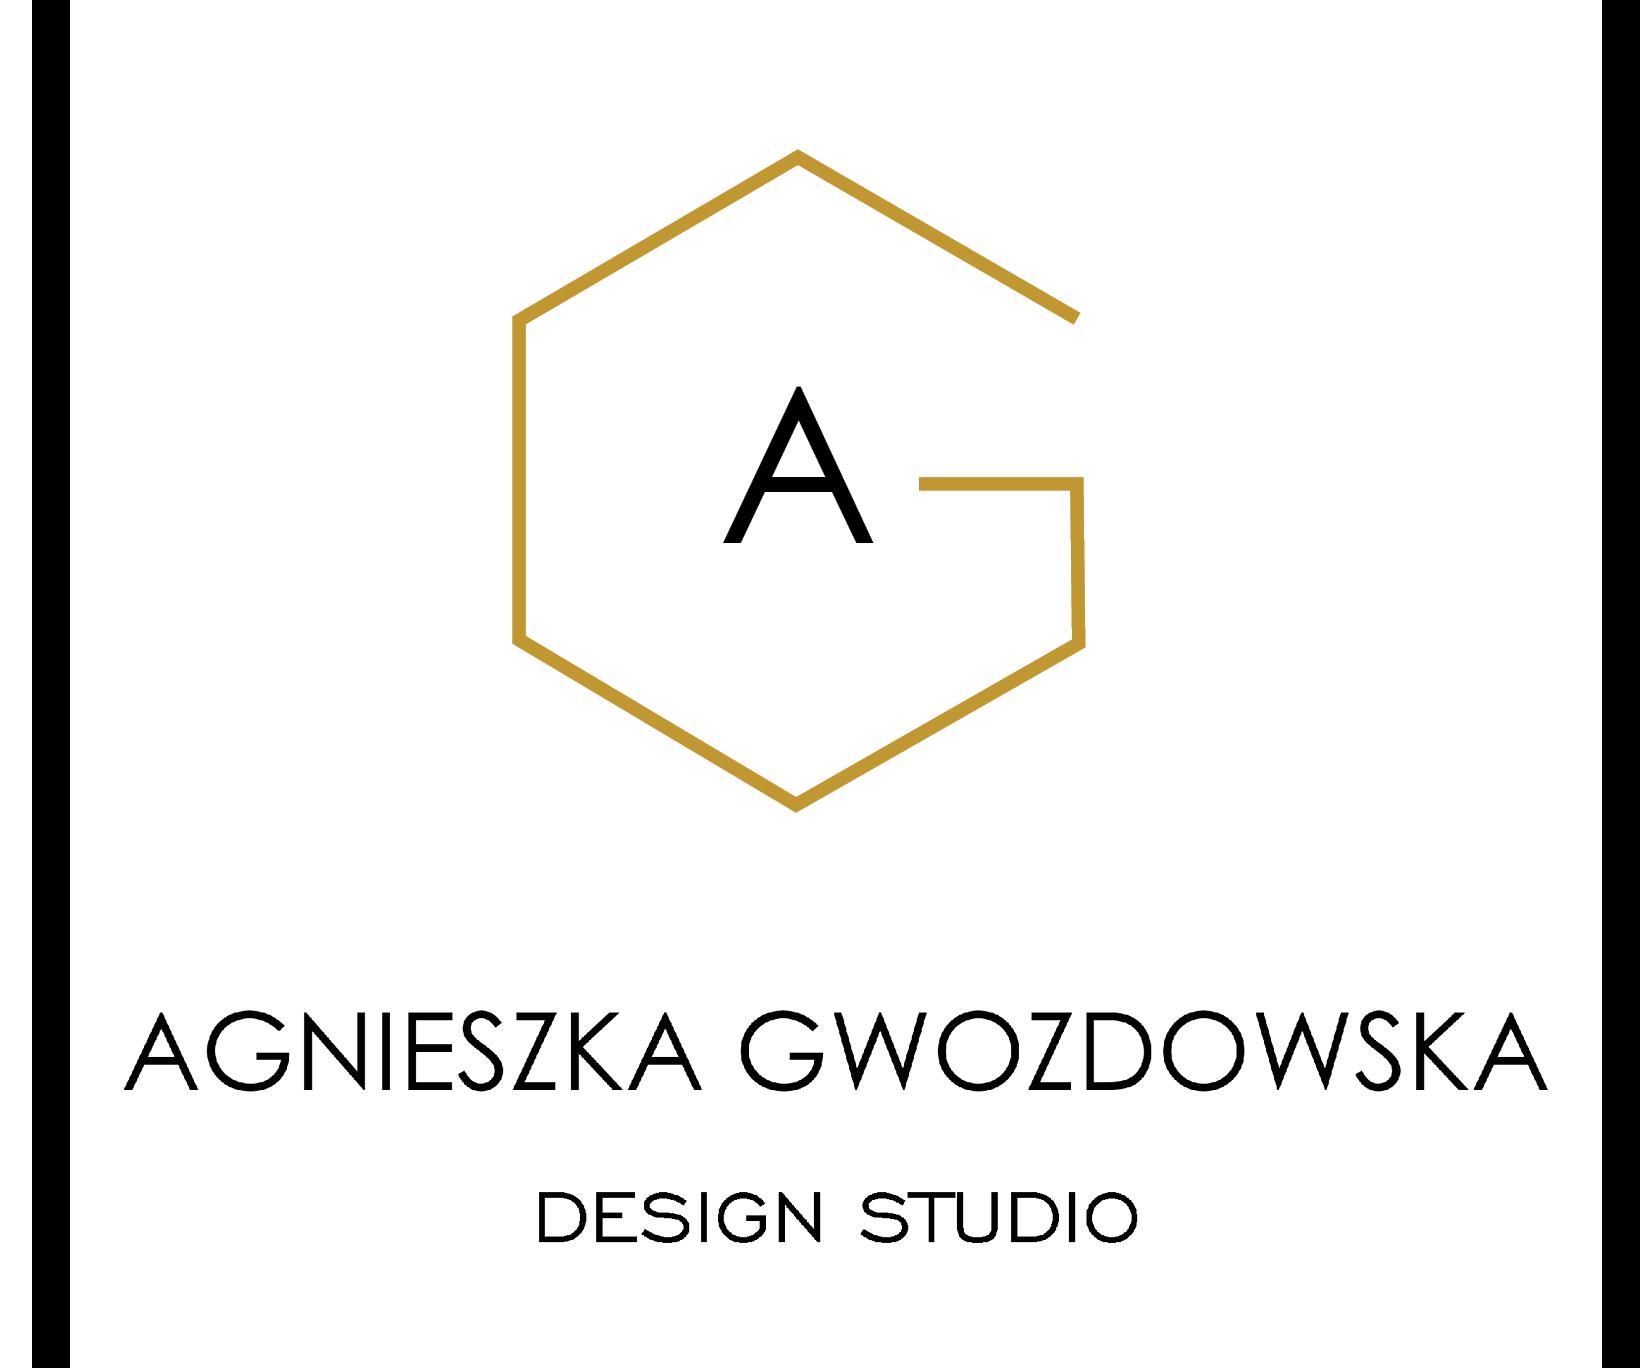 Agnieszka Gwozdowska DESIGN